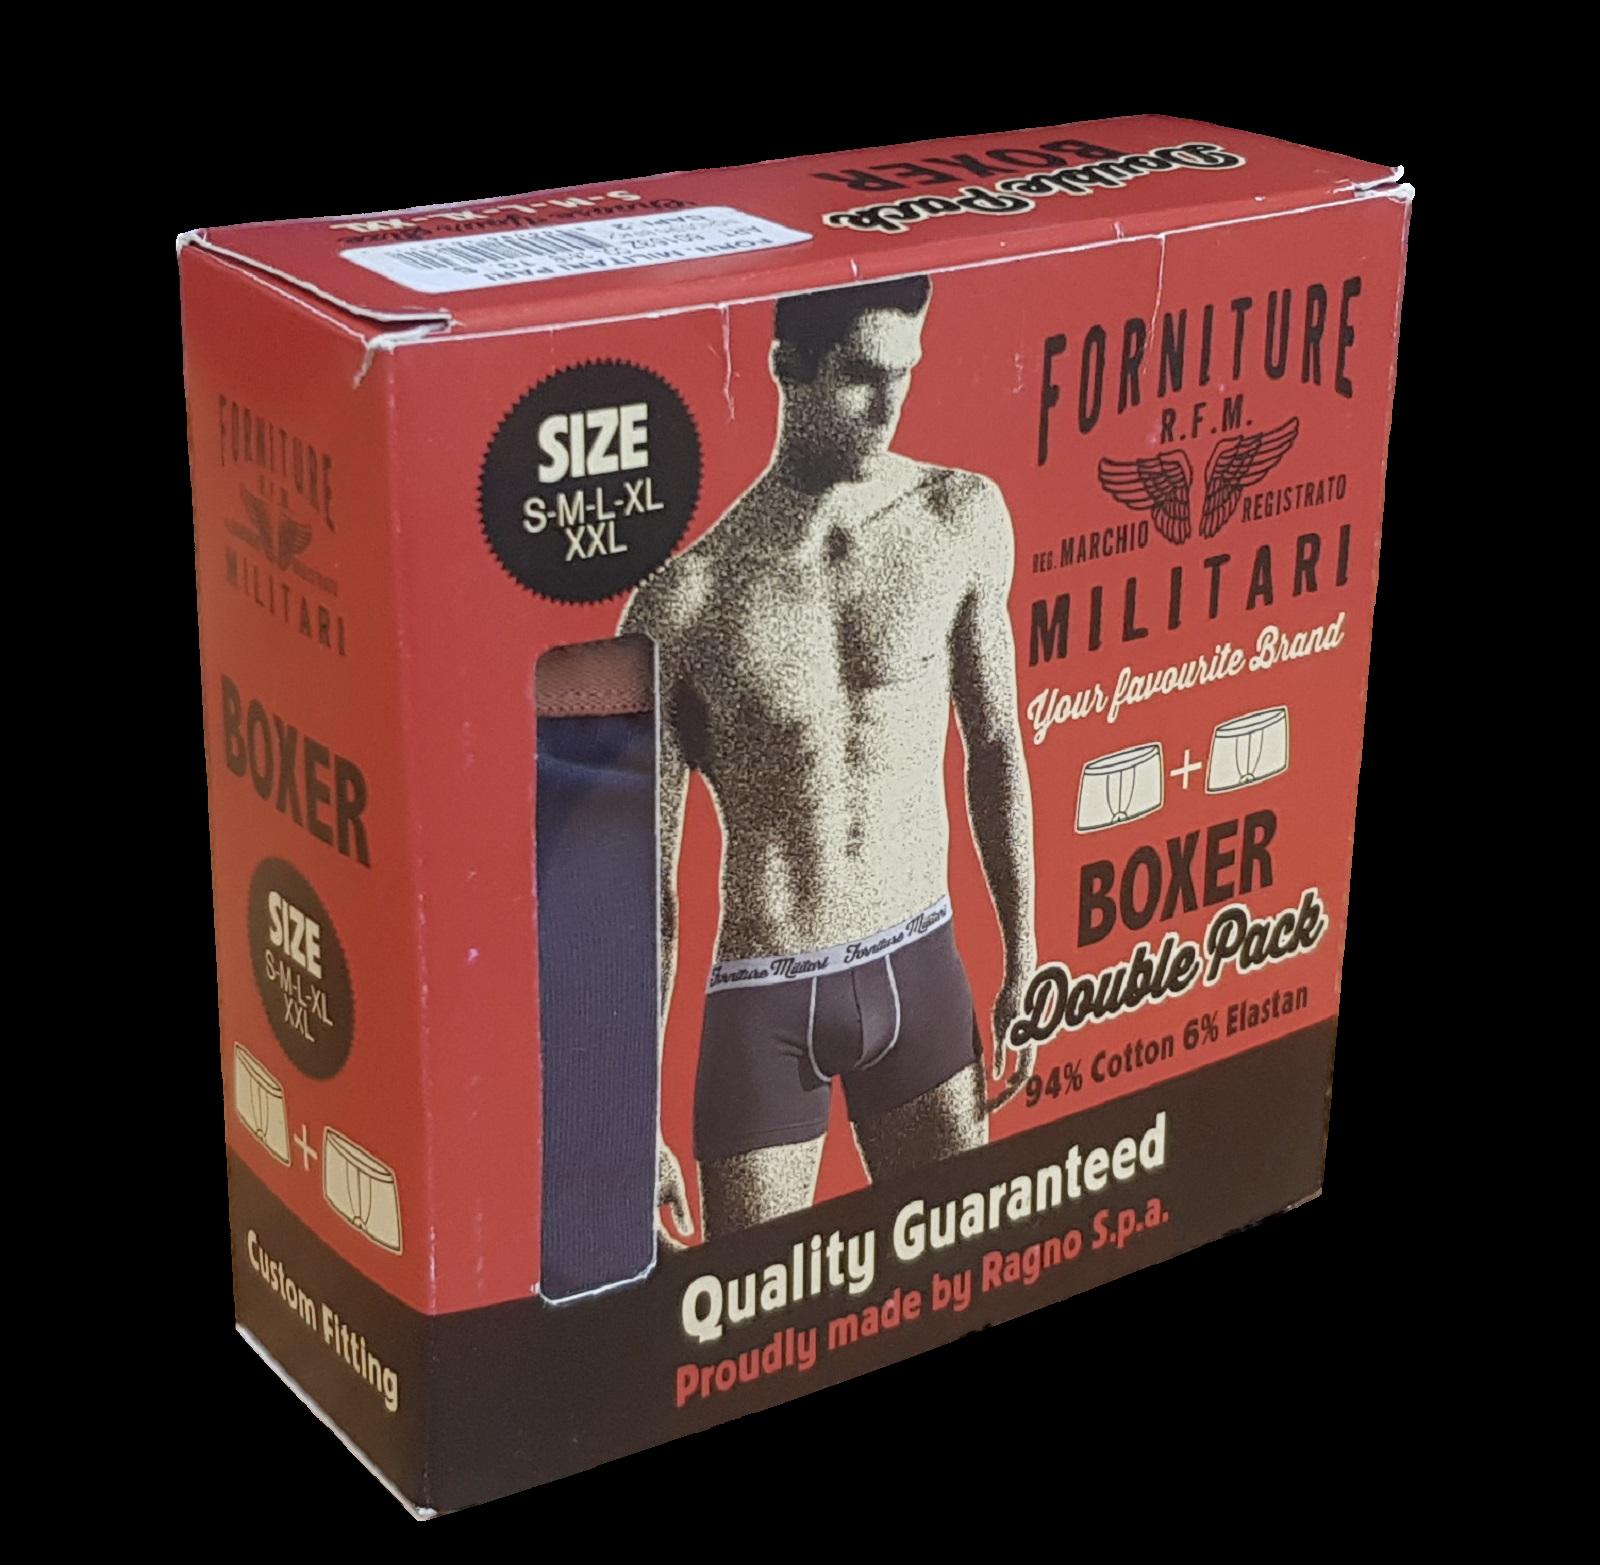 2 pezzi Boxer uomo FORNITURE MILITARI by Ragno Confezione Double pack 60214Z